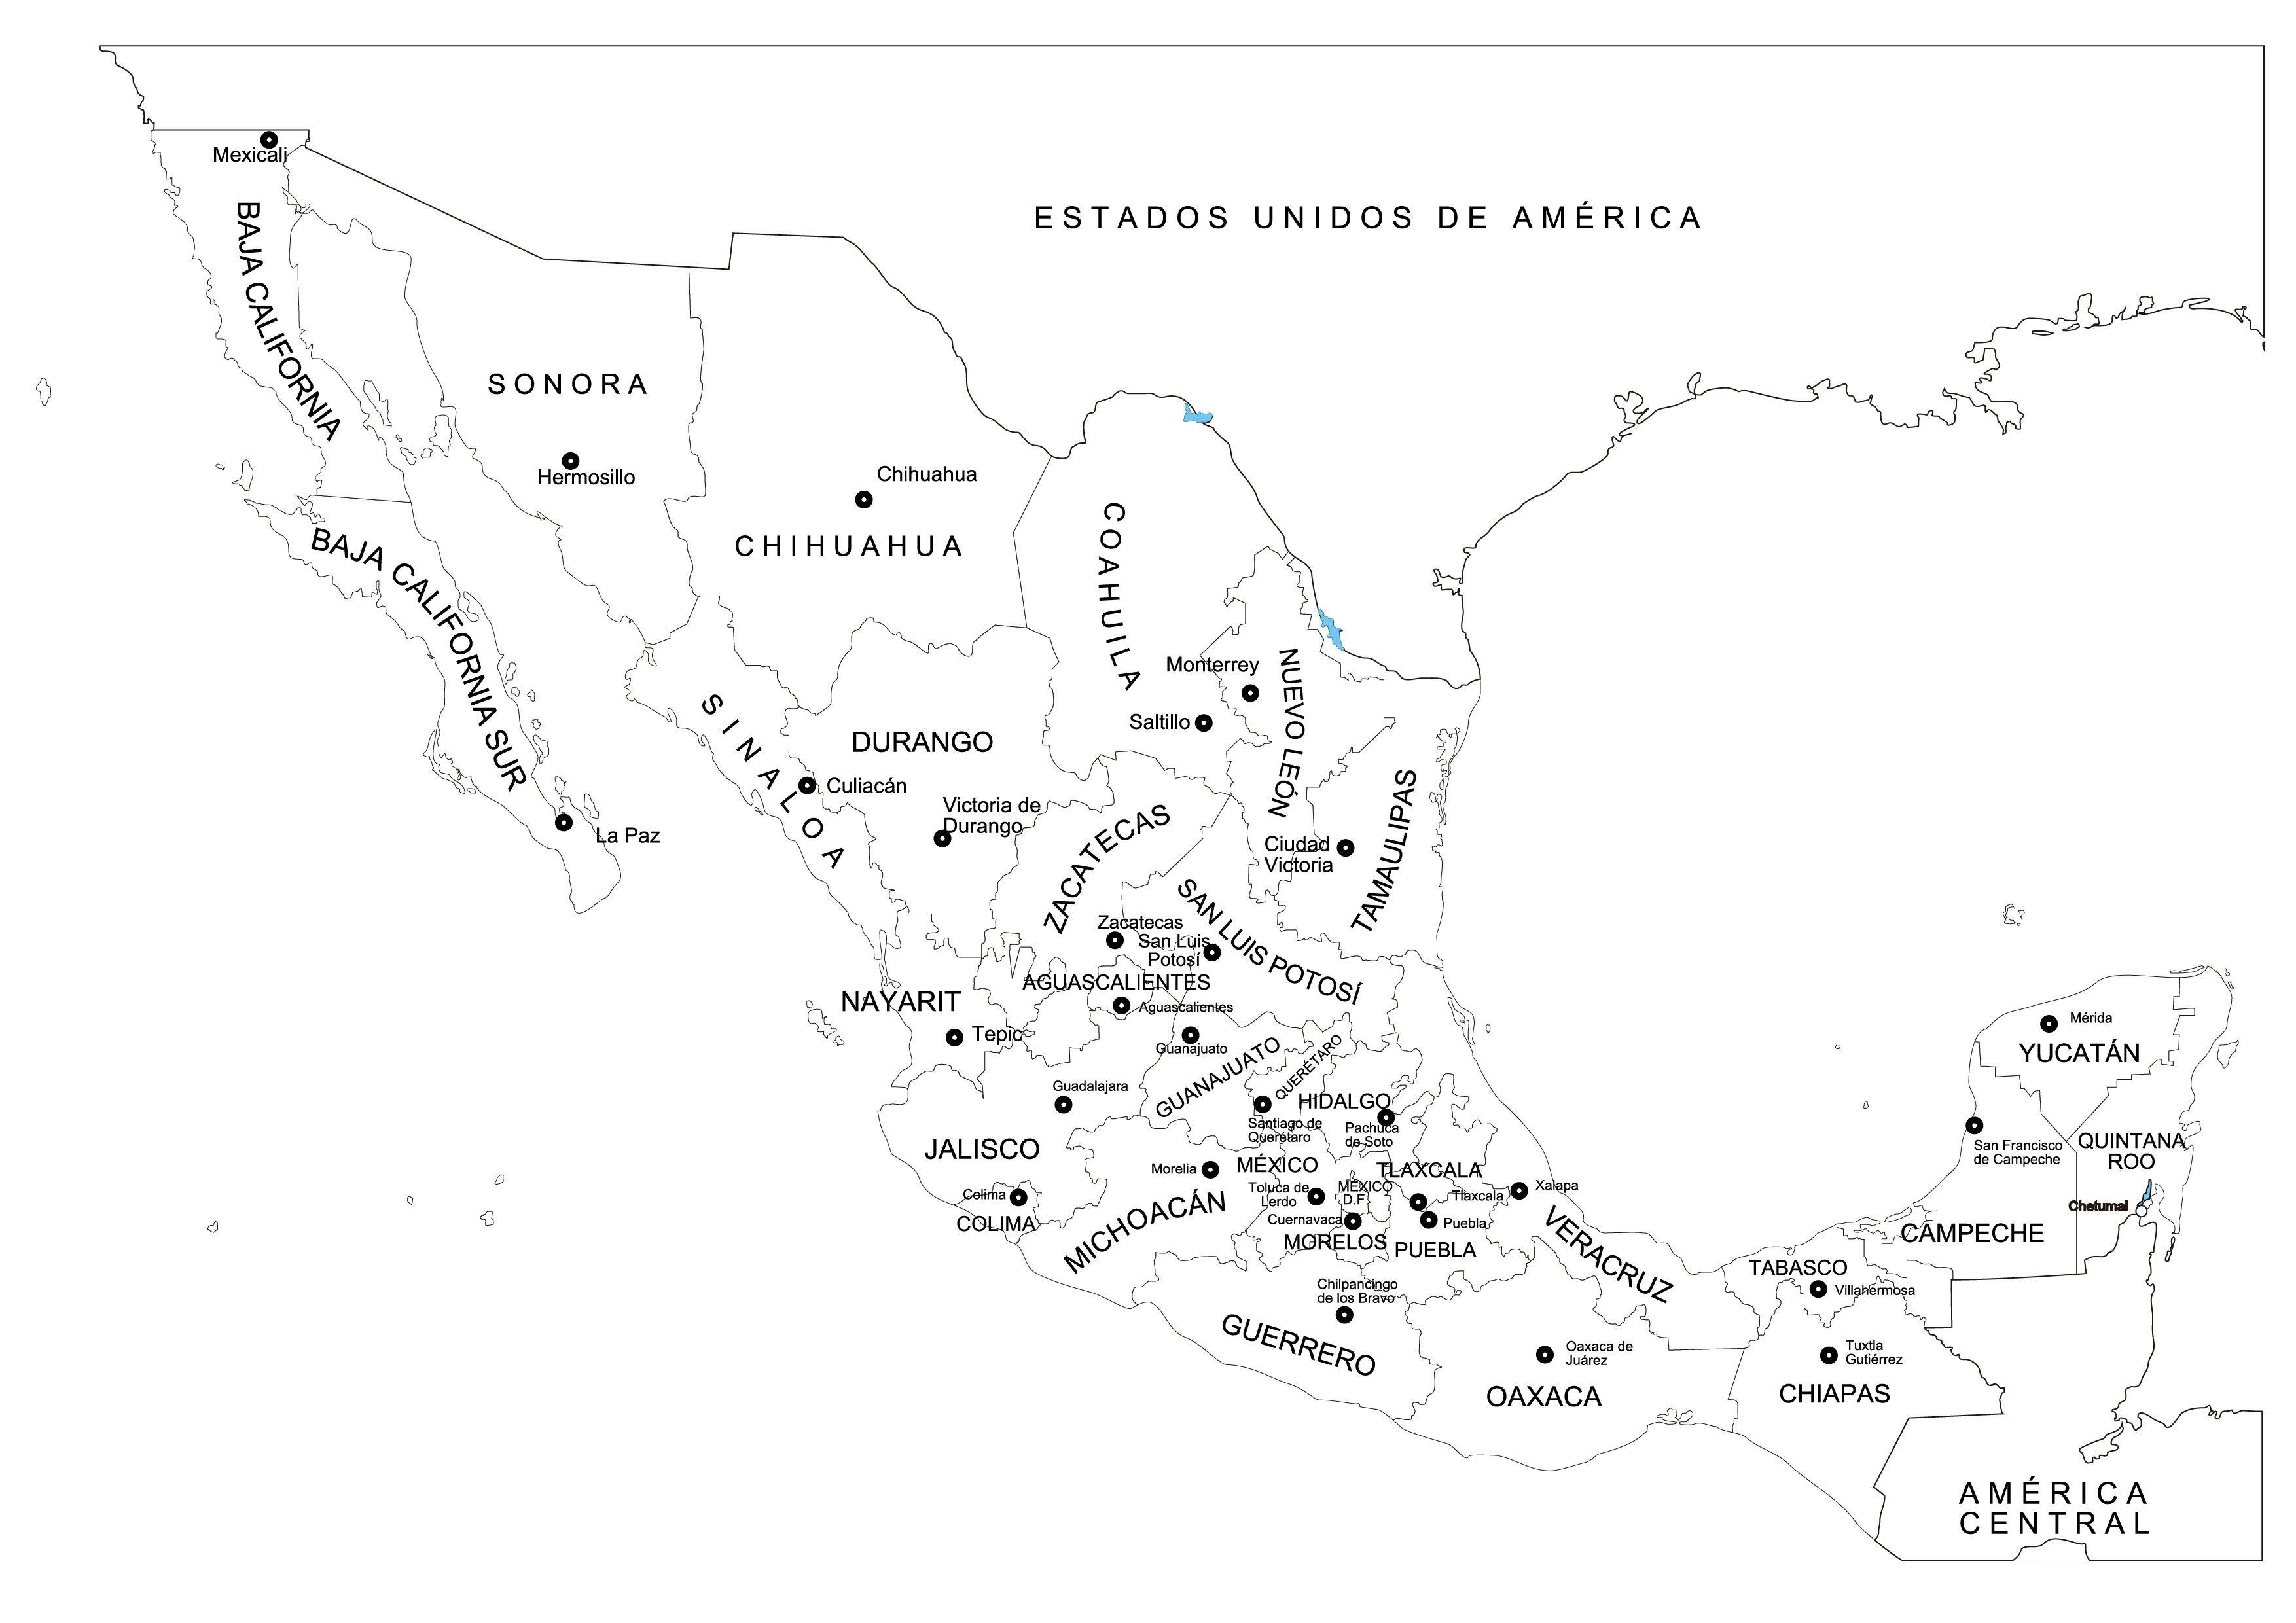 Mapa De Mexico Y Sus Estados Para Pintar Mapa De Mexico Mapa Mexico Con Nombres Mapas